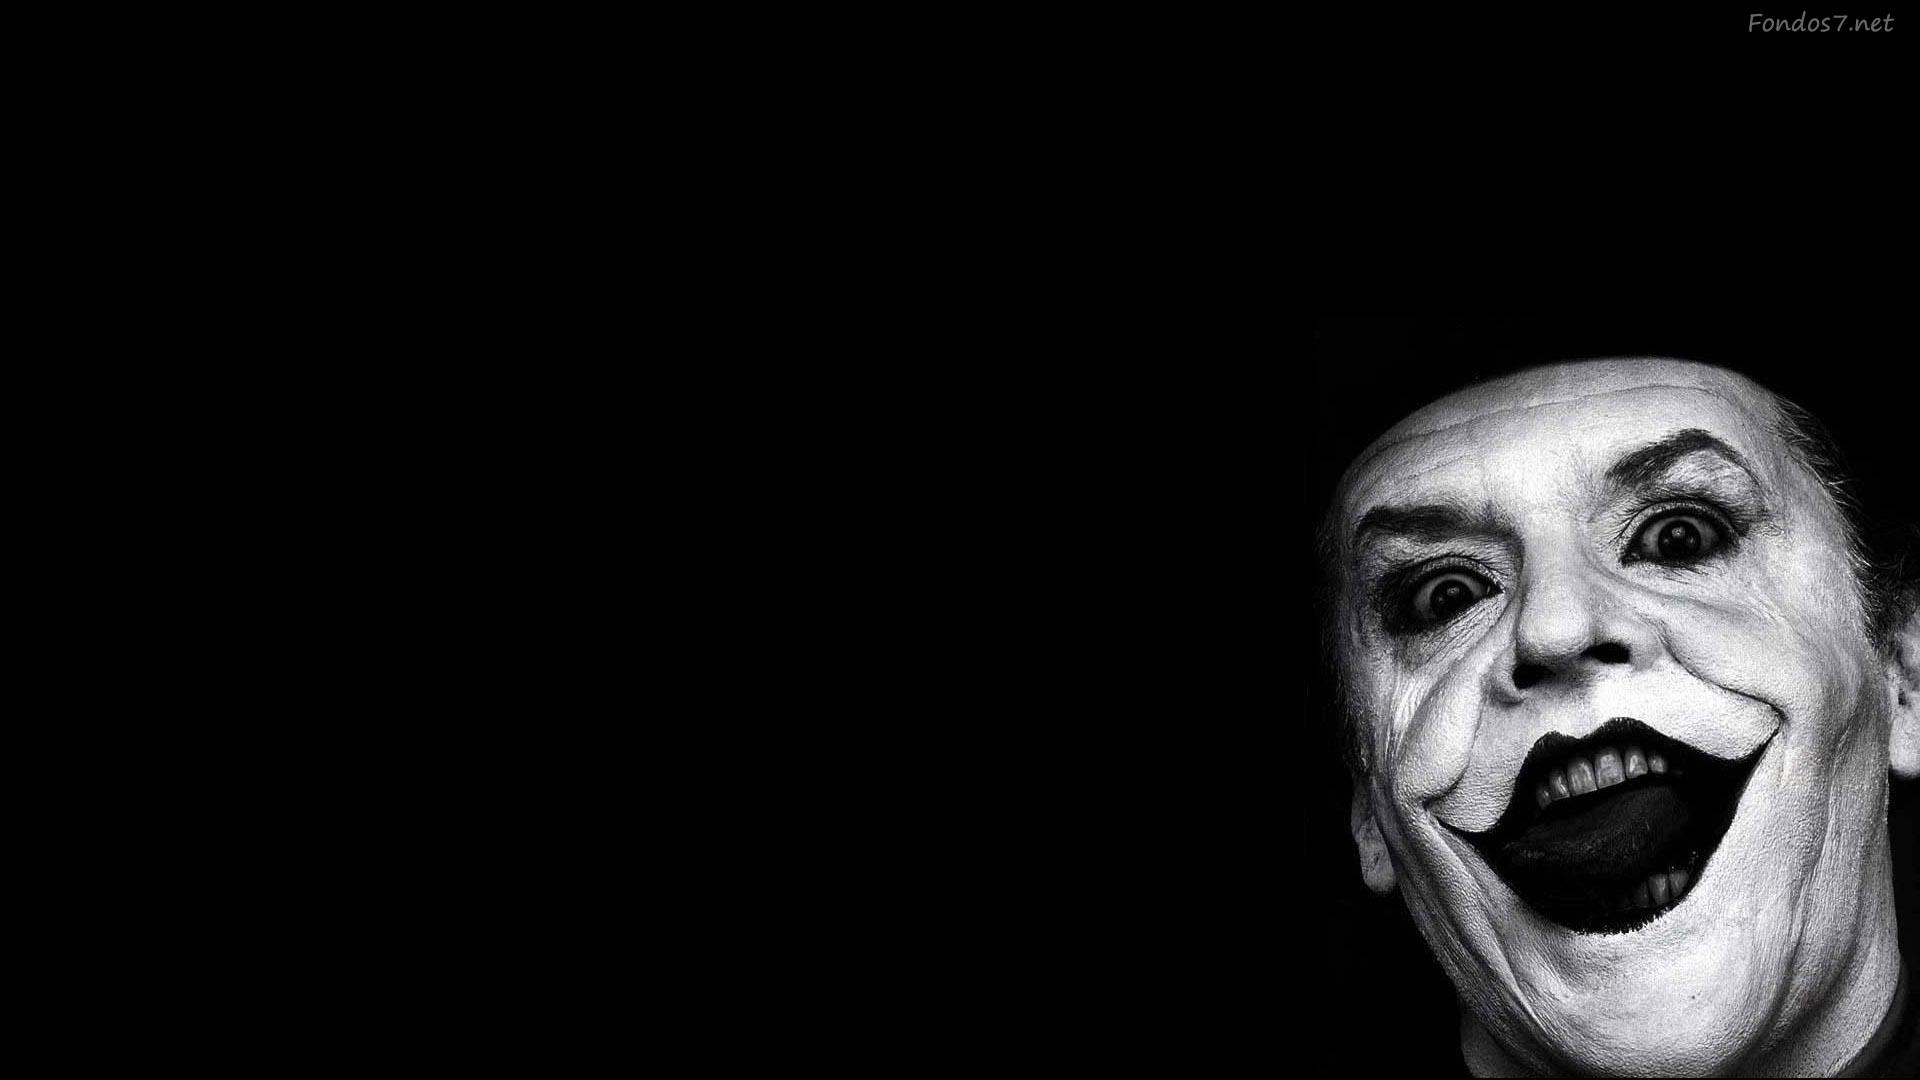 Descargar Fondos de pantalla joker terror hd widescreen Gratis 1920x1080